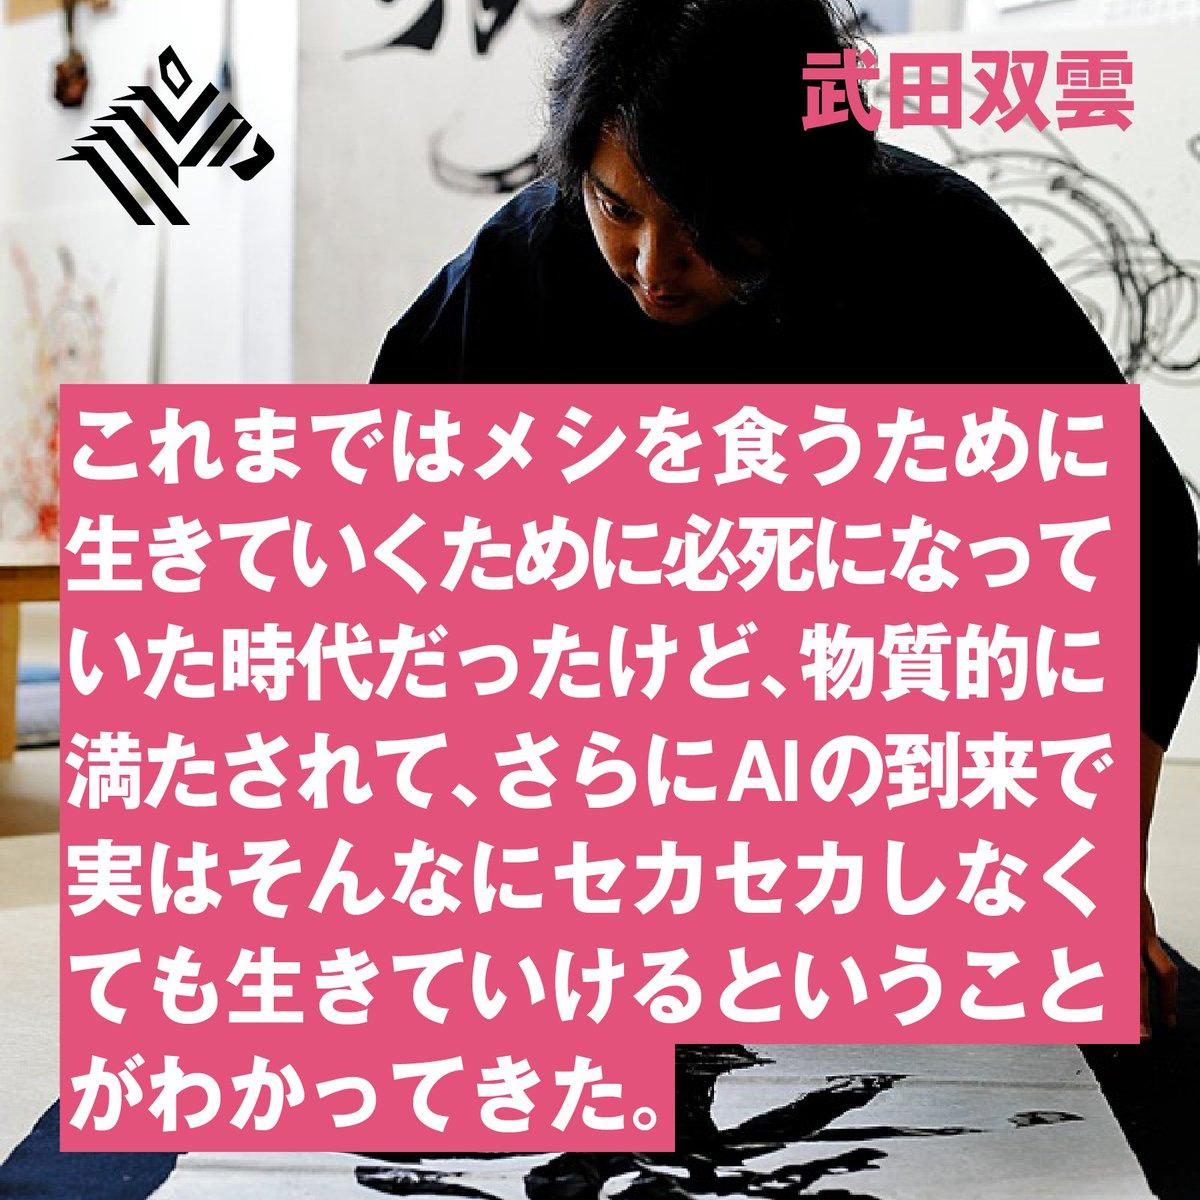 「これからは、心を満たす時代という、次のフェーズに向かっていくんじゃないかな」書道家・武田双雲氏インタビューより、抜粋を画像でお届け📮全文を読む 👉